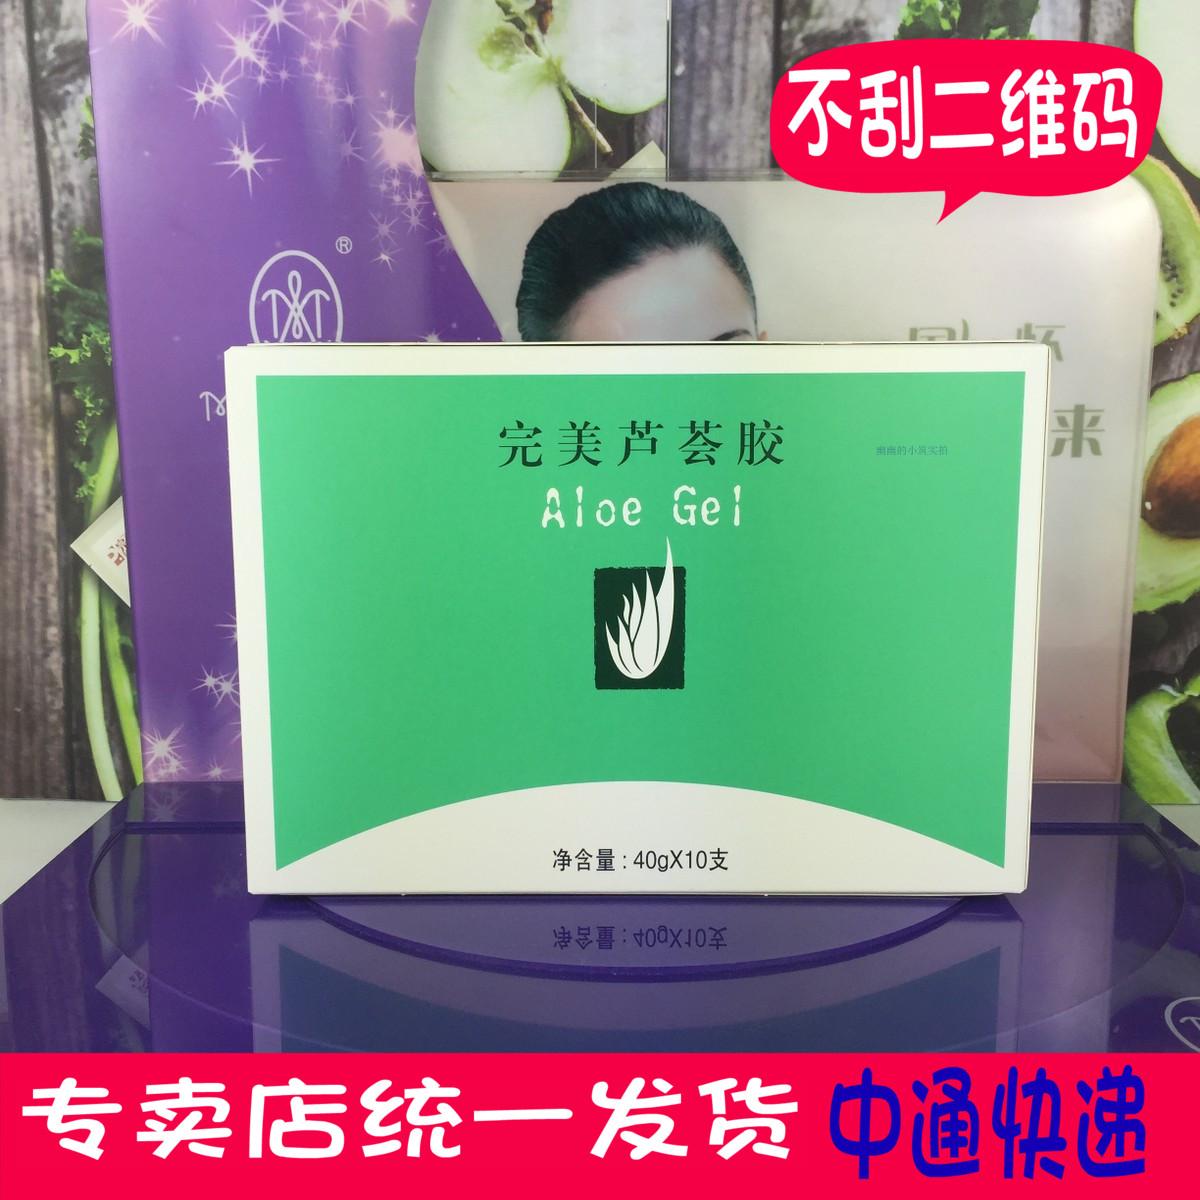 完美芦荟胶官方正品专卖40g保湿补水控油祛痘淡痘印修护面霜10支